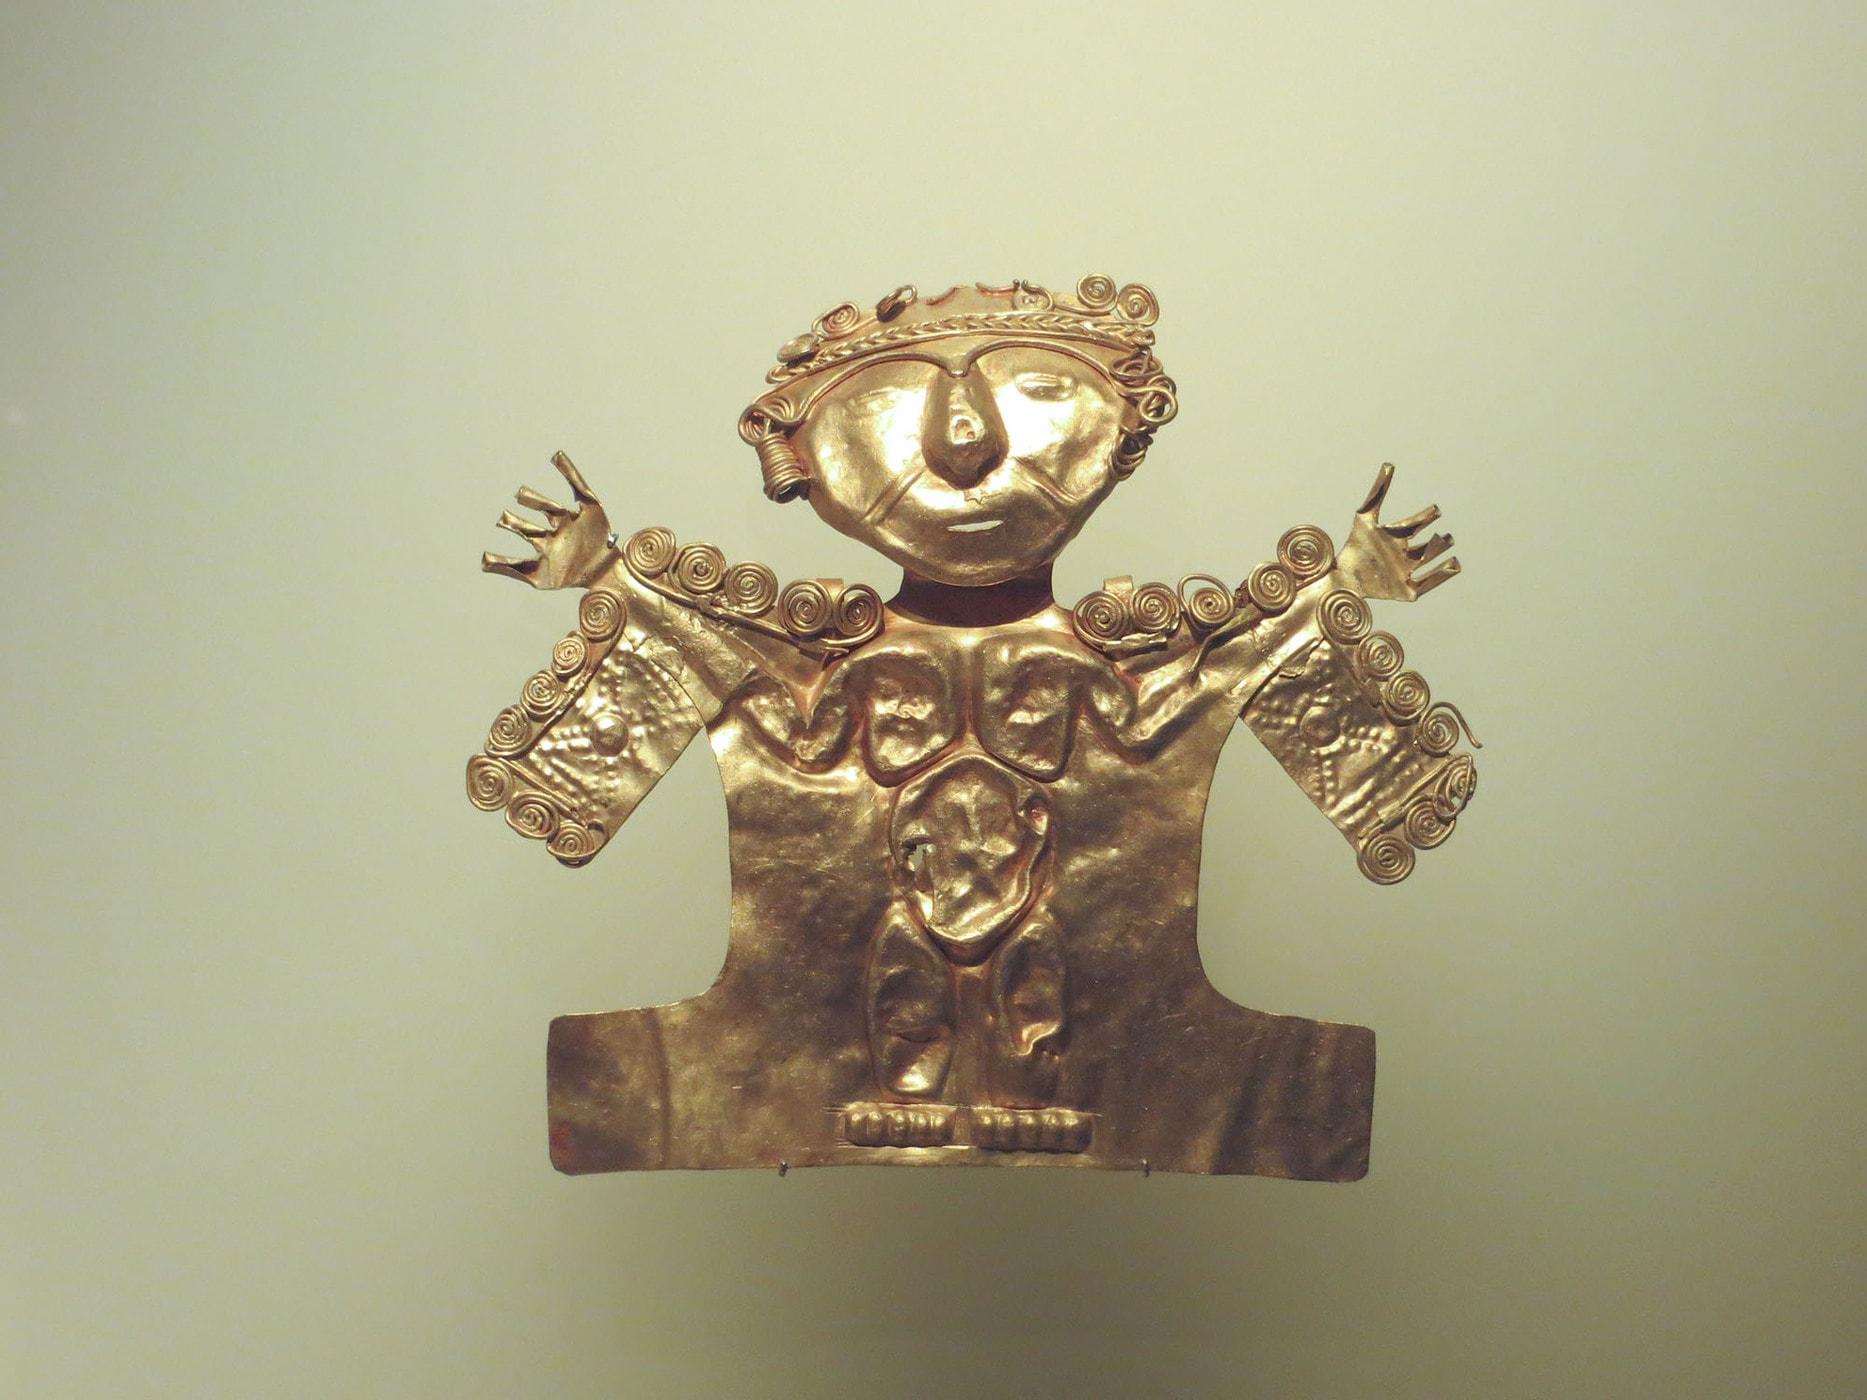 Museo de Oro in Bogota, Colombia